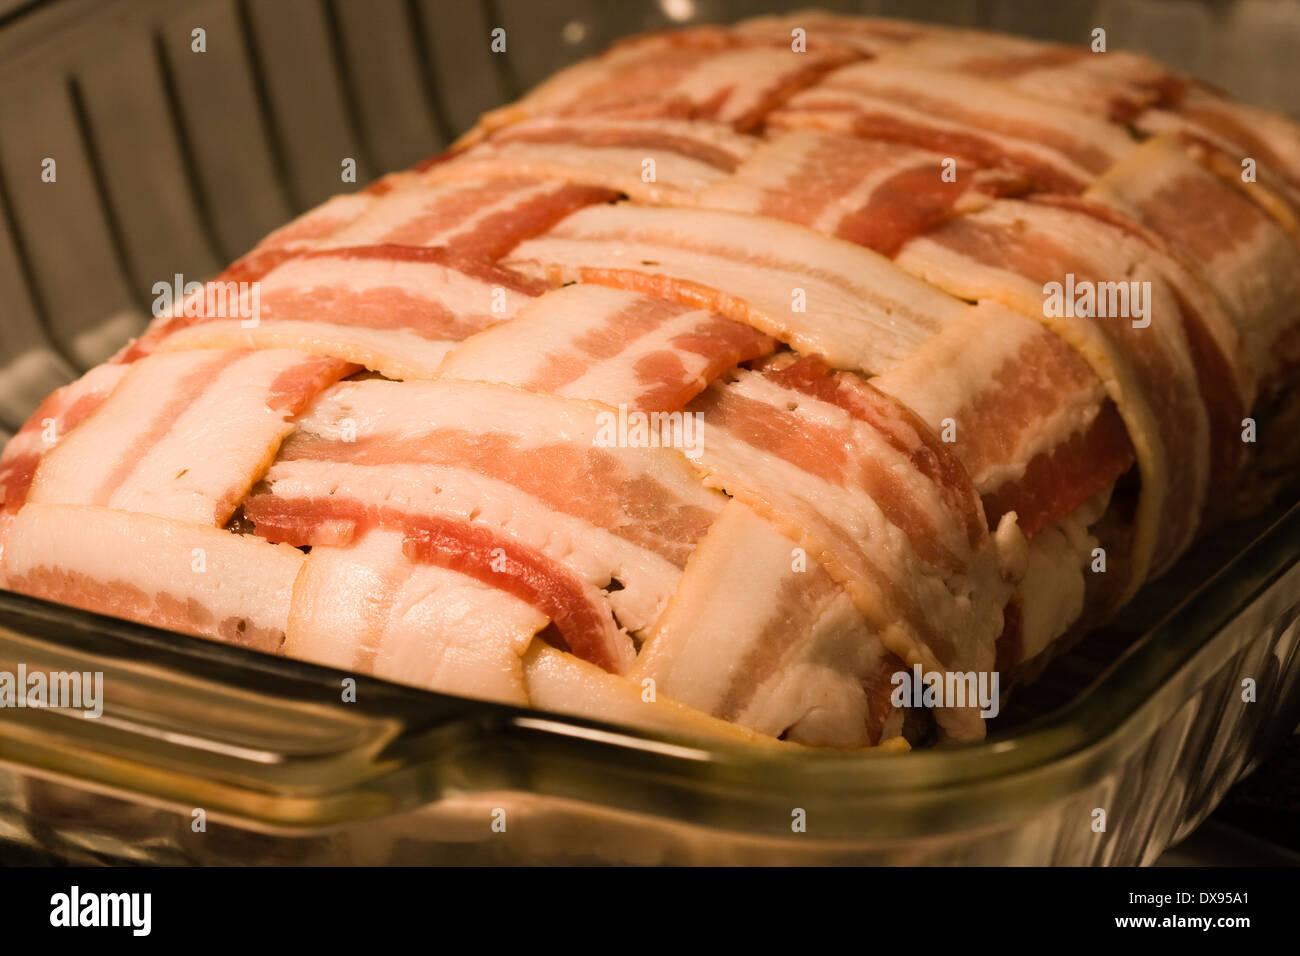 Pastel de Carne cruda con tocino envuelto en una canasta tejer sentada en un patrón claro de hornear Pyrex en una hornilla de cocina Imagen De Stock